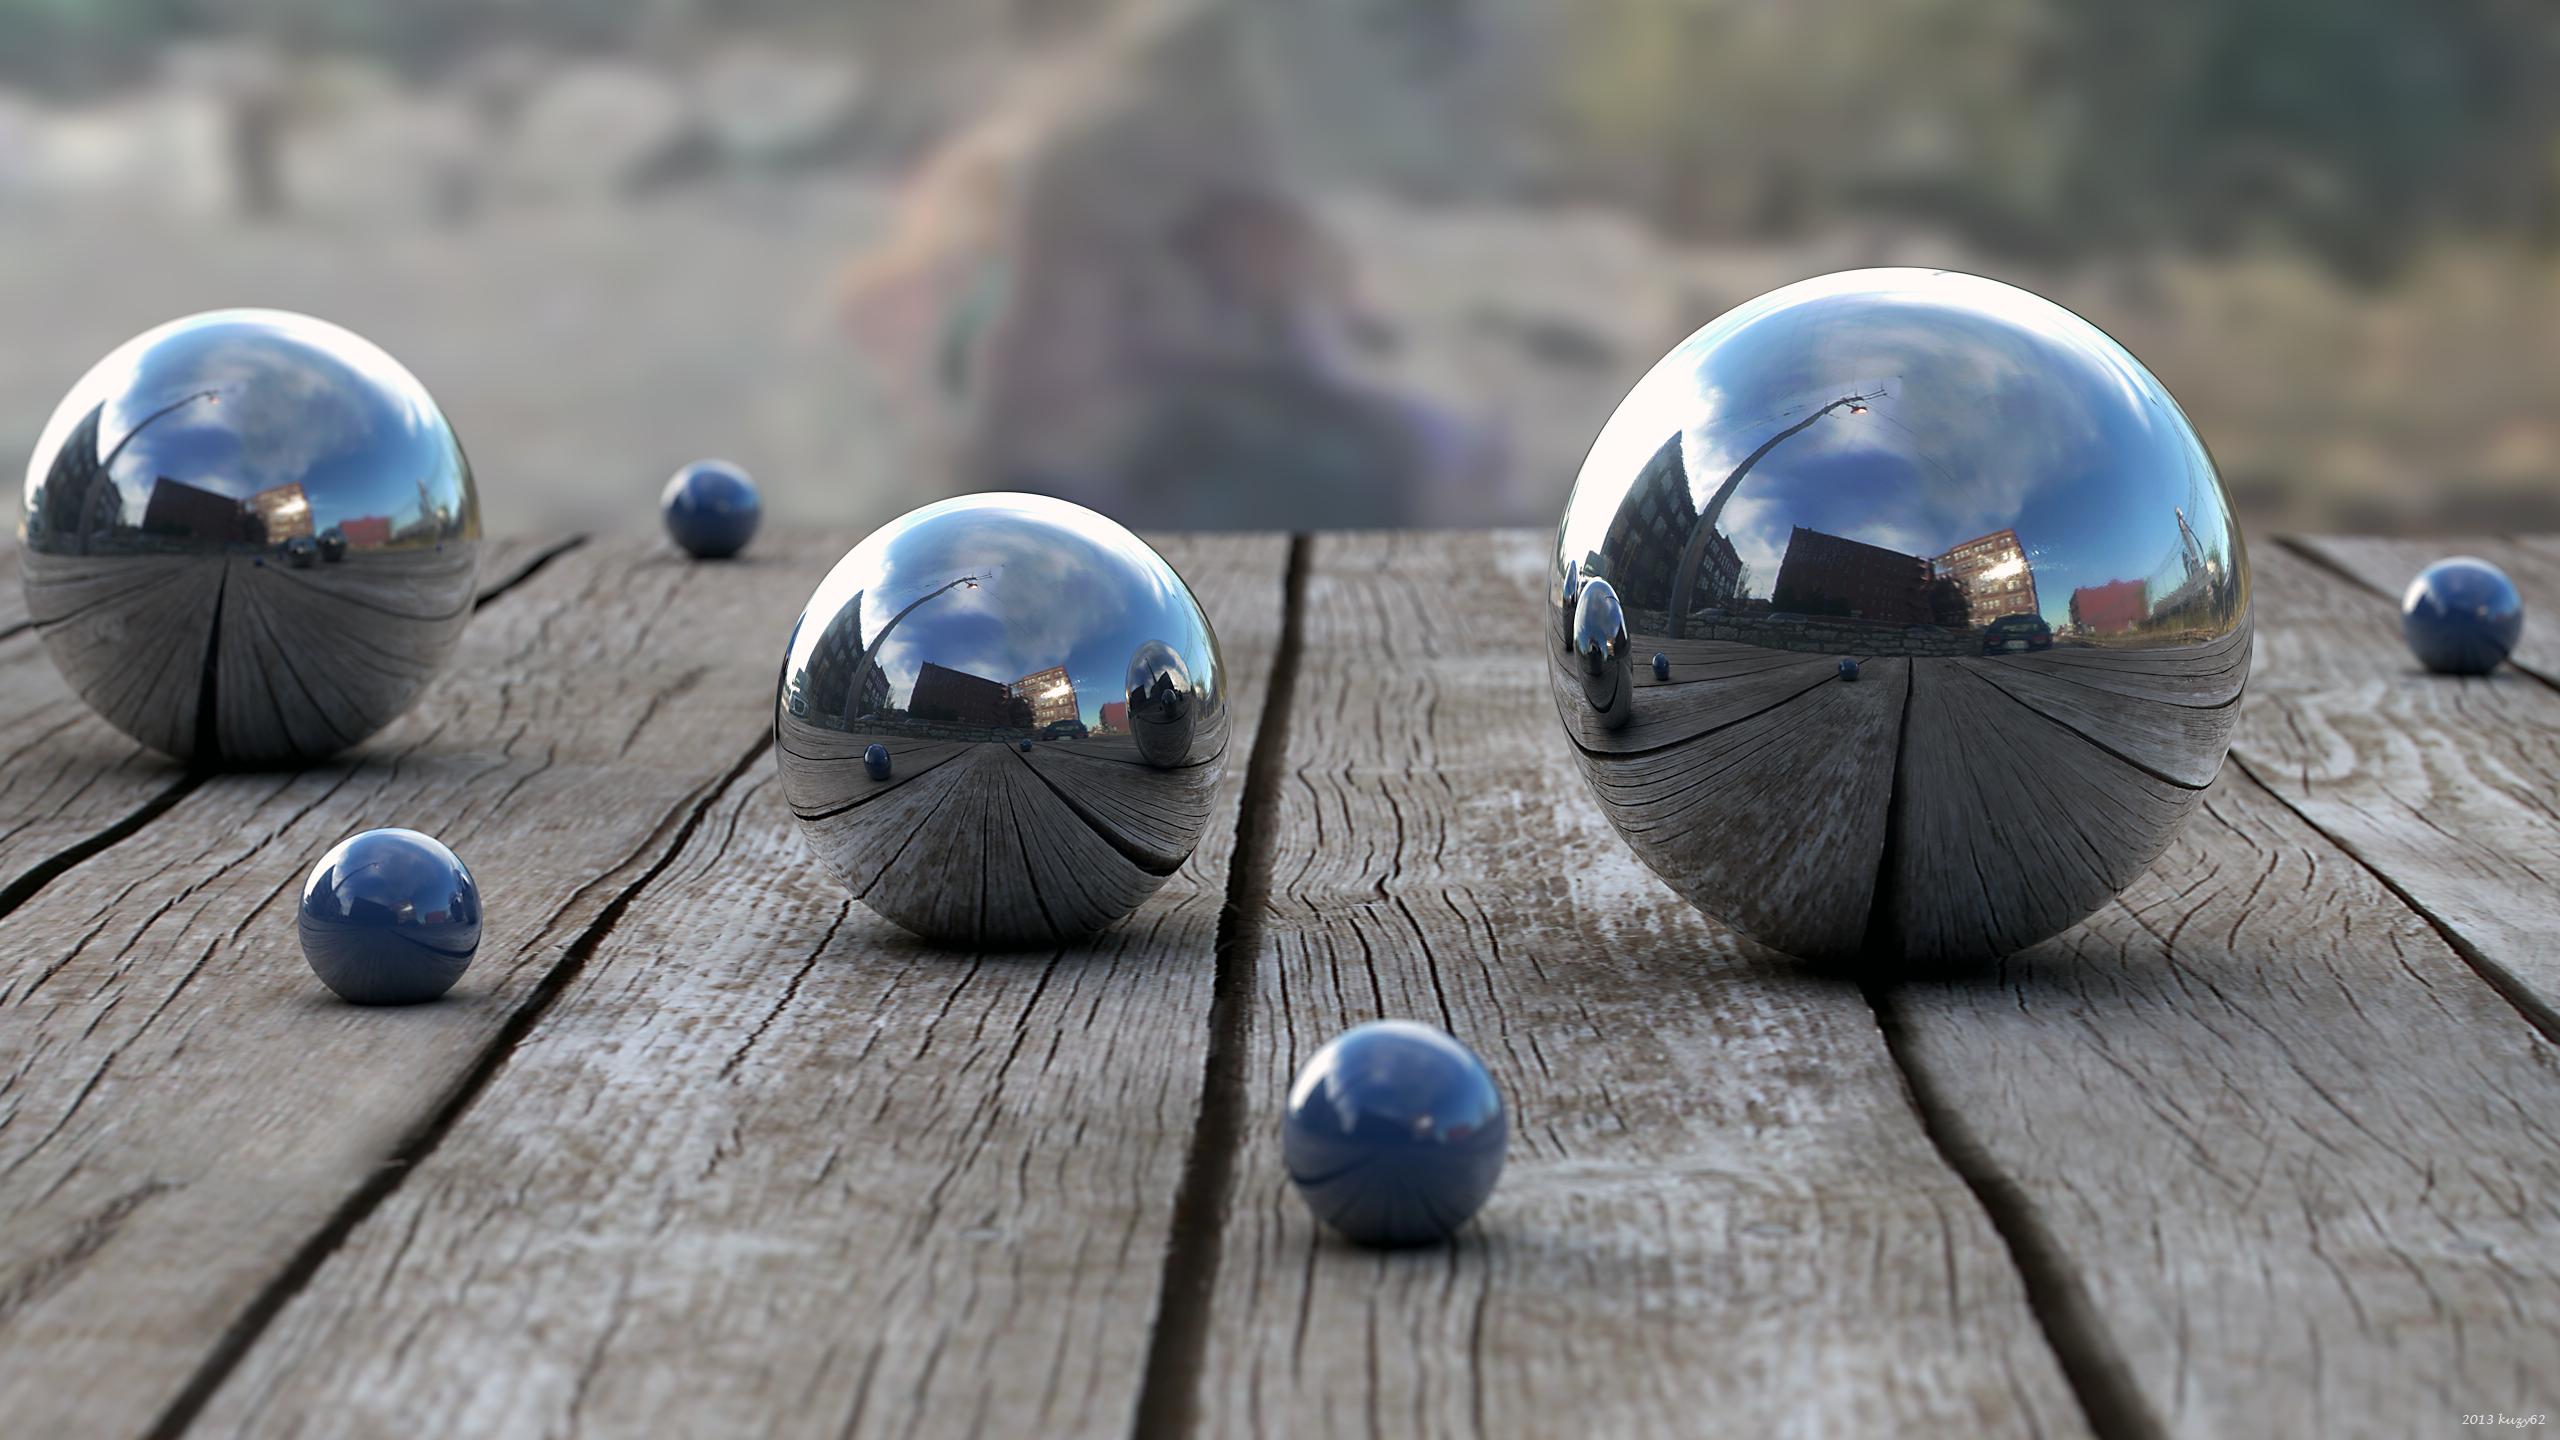 Balls Wood Reflection depth 3d bokeh wallpaper 2560x1440 48948 2560x1440